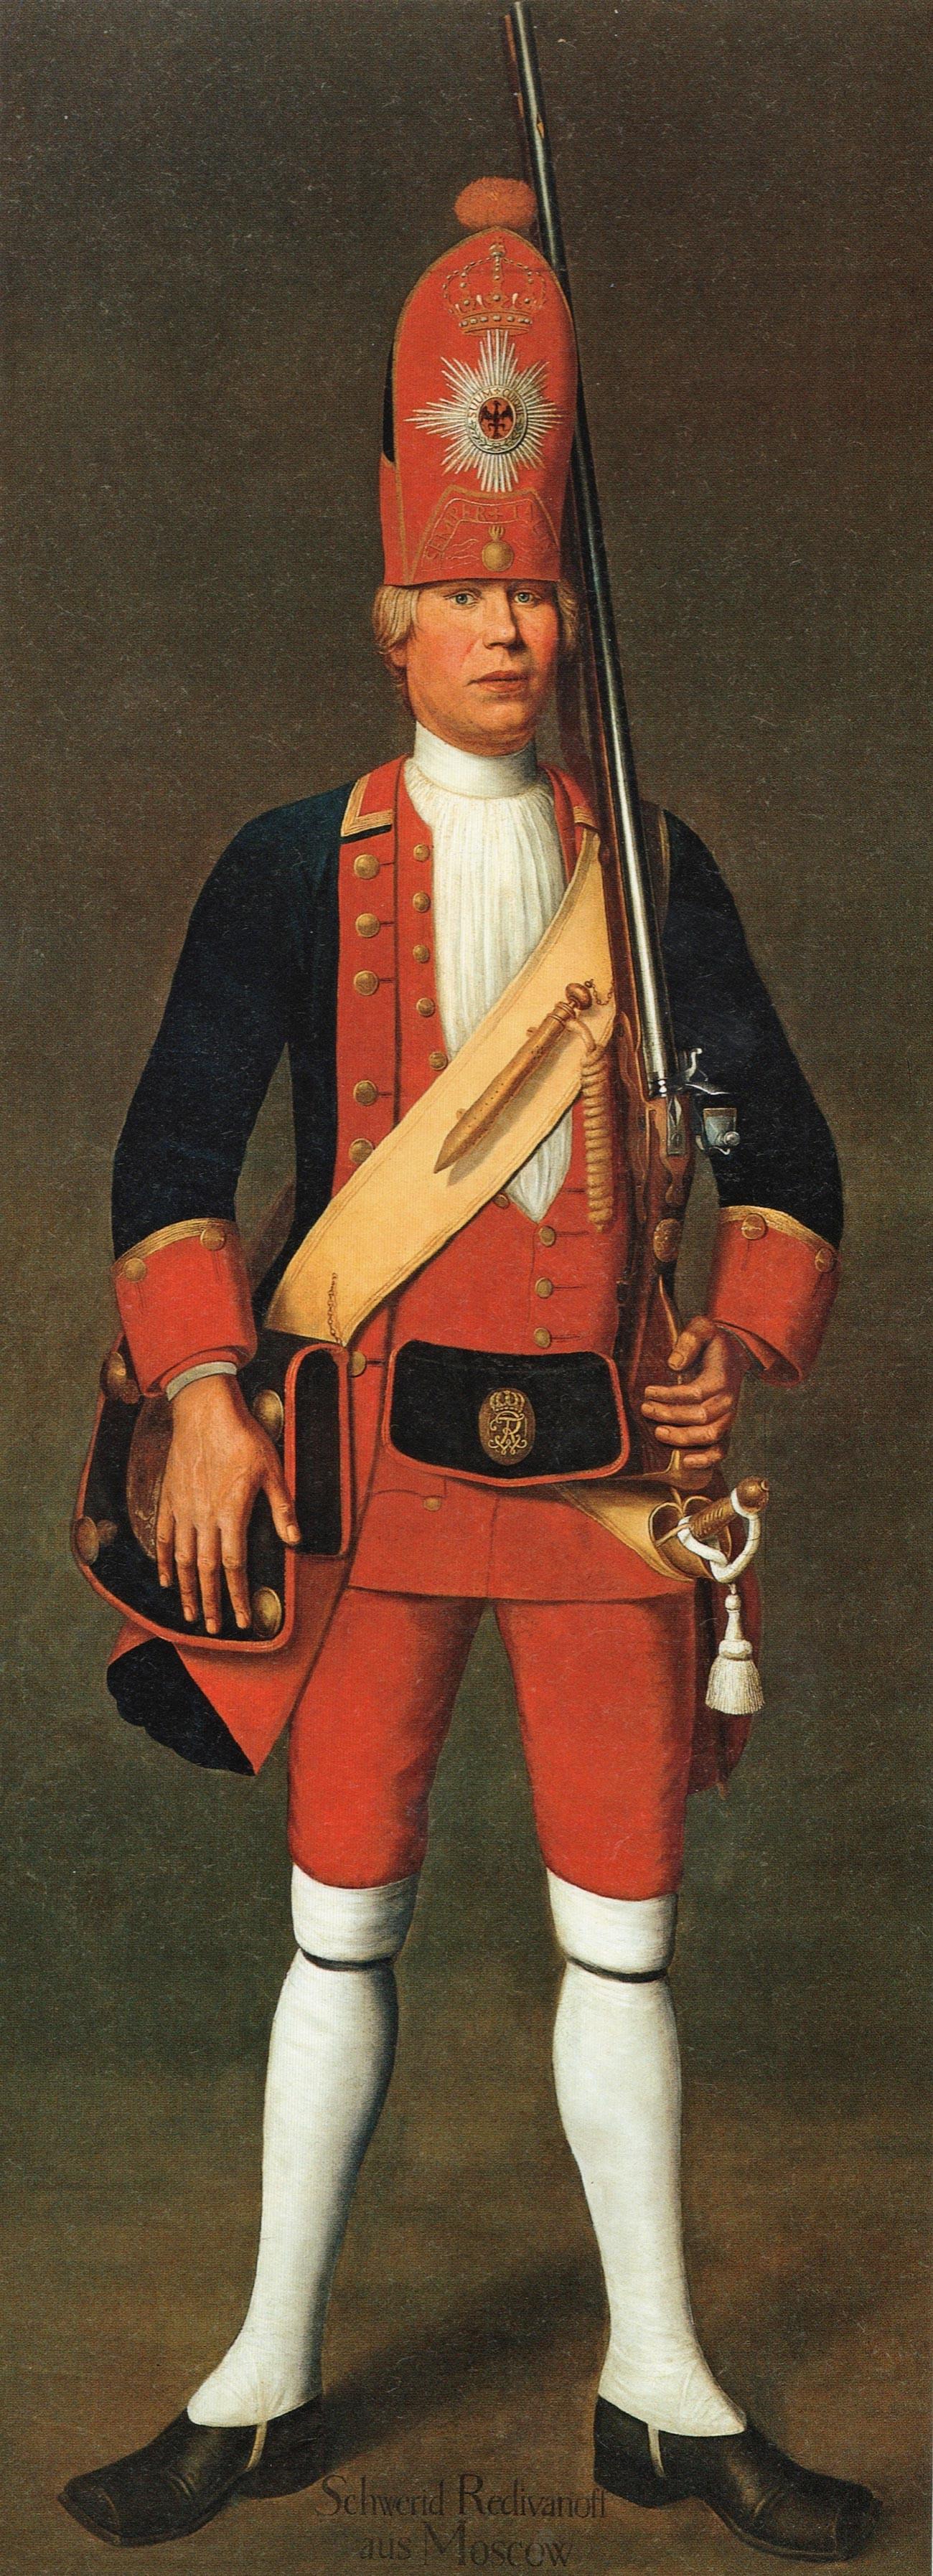 Retrato do soldado da infantaria Svirid Redivanov (Rodionov), de Moscou, doado pelo imperador russo ao rei prussiano em troca da Sala de Âmbar